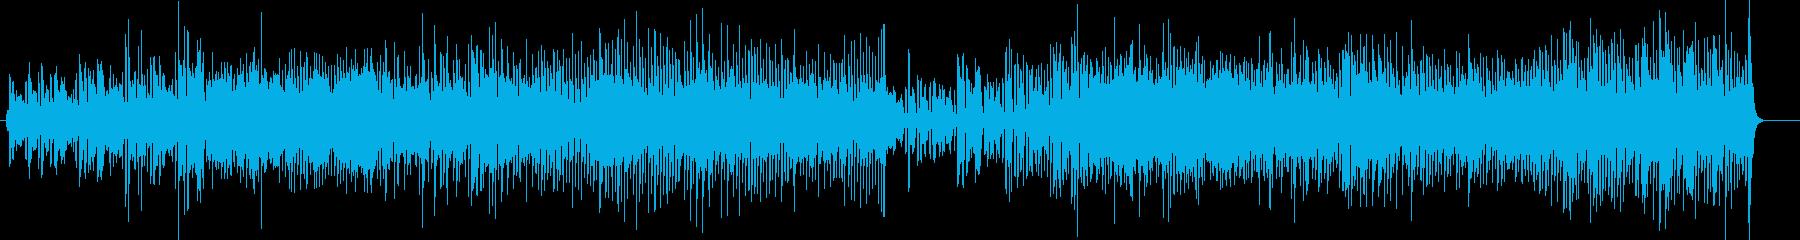 生楽器 デンマークの軽快なダンス曲ポルカの再生済みの波形